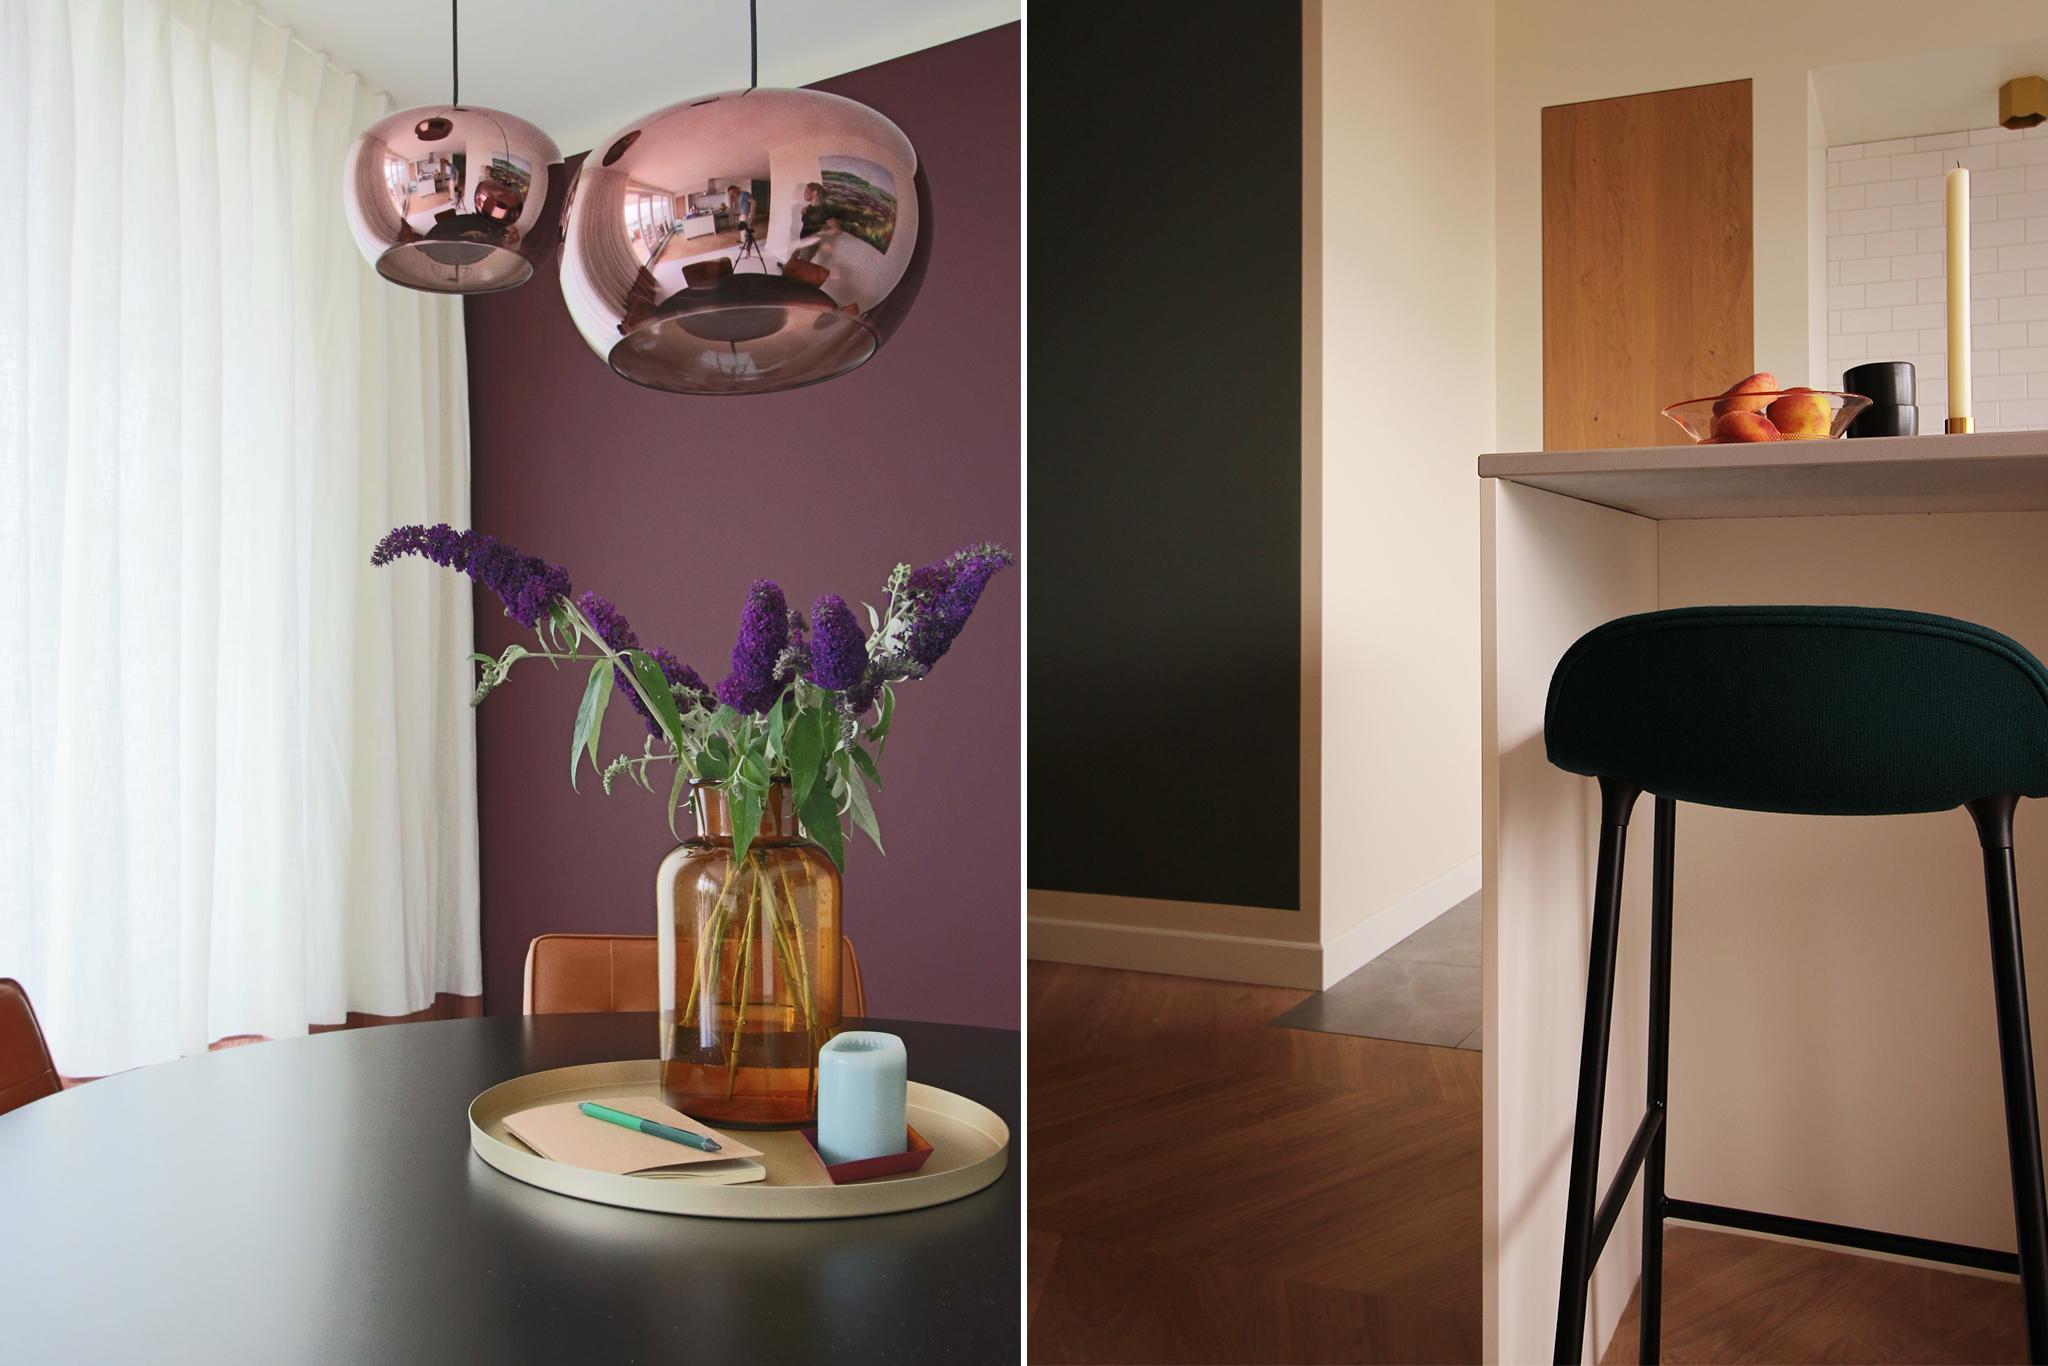 Kleurplan voor woonkamer en keuken.jpg